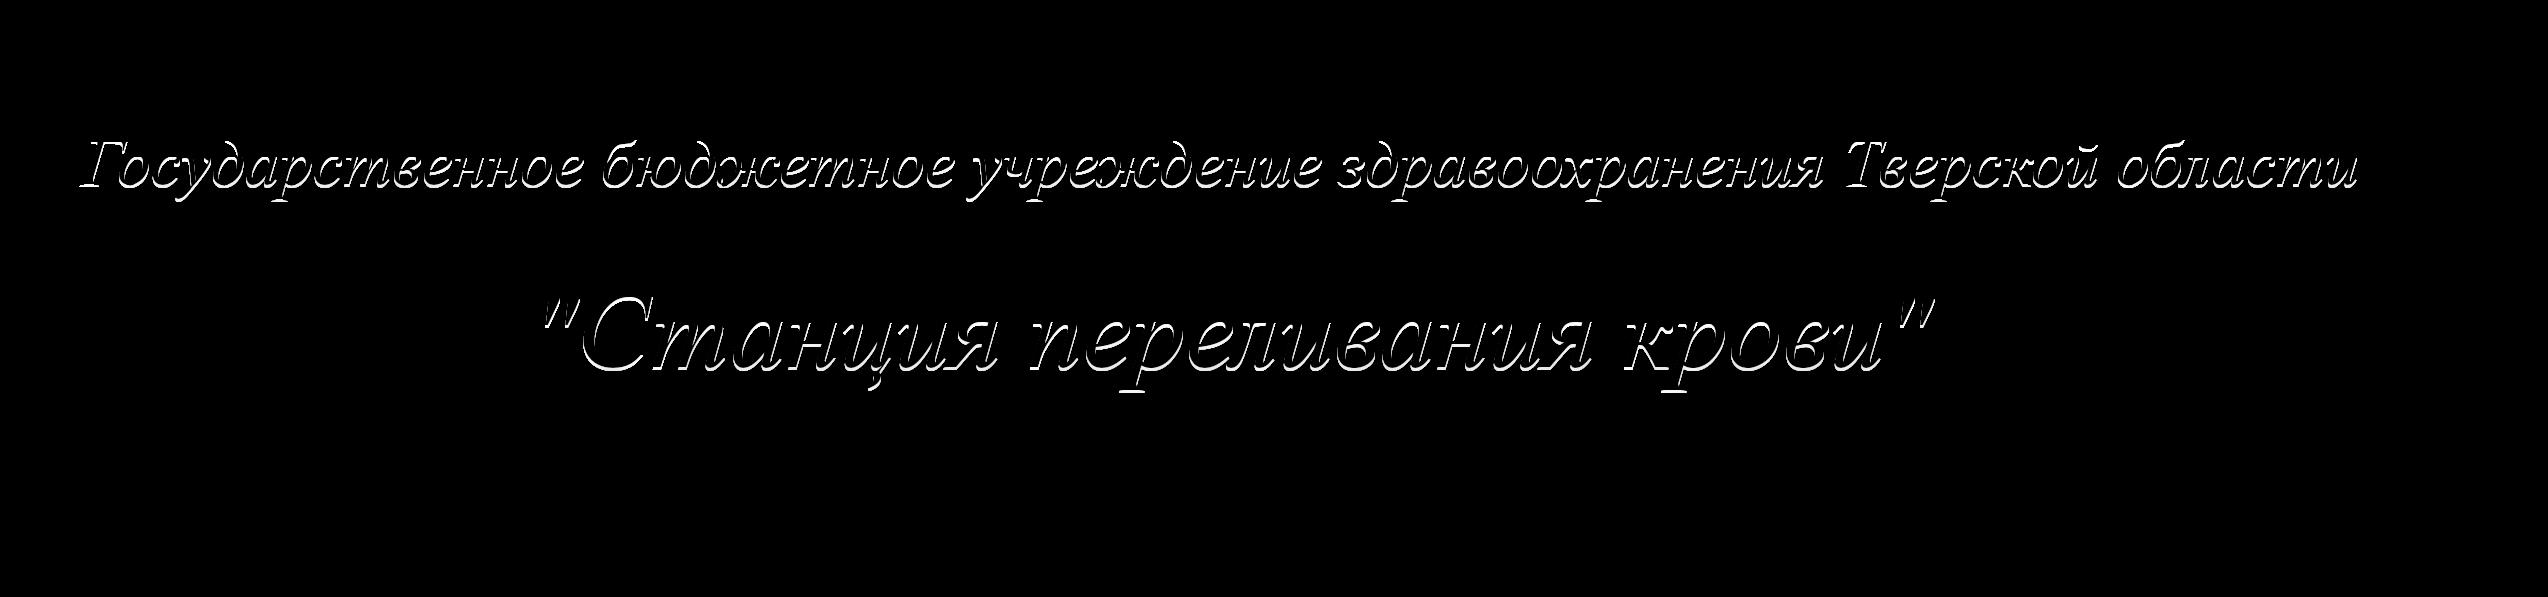 Официальный сайт ГБУЗ «ТОСПК»